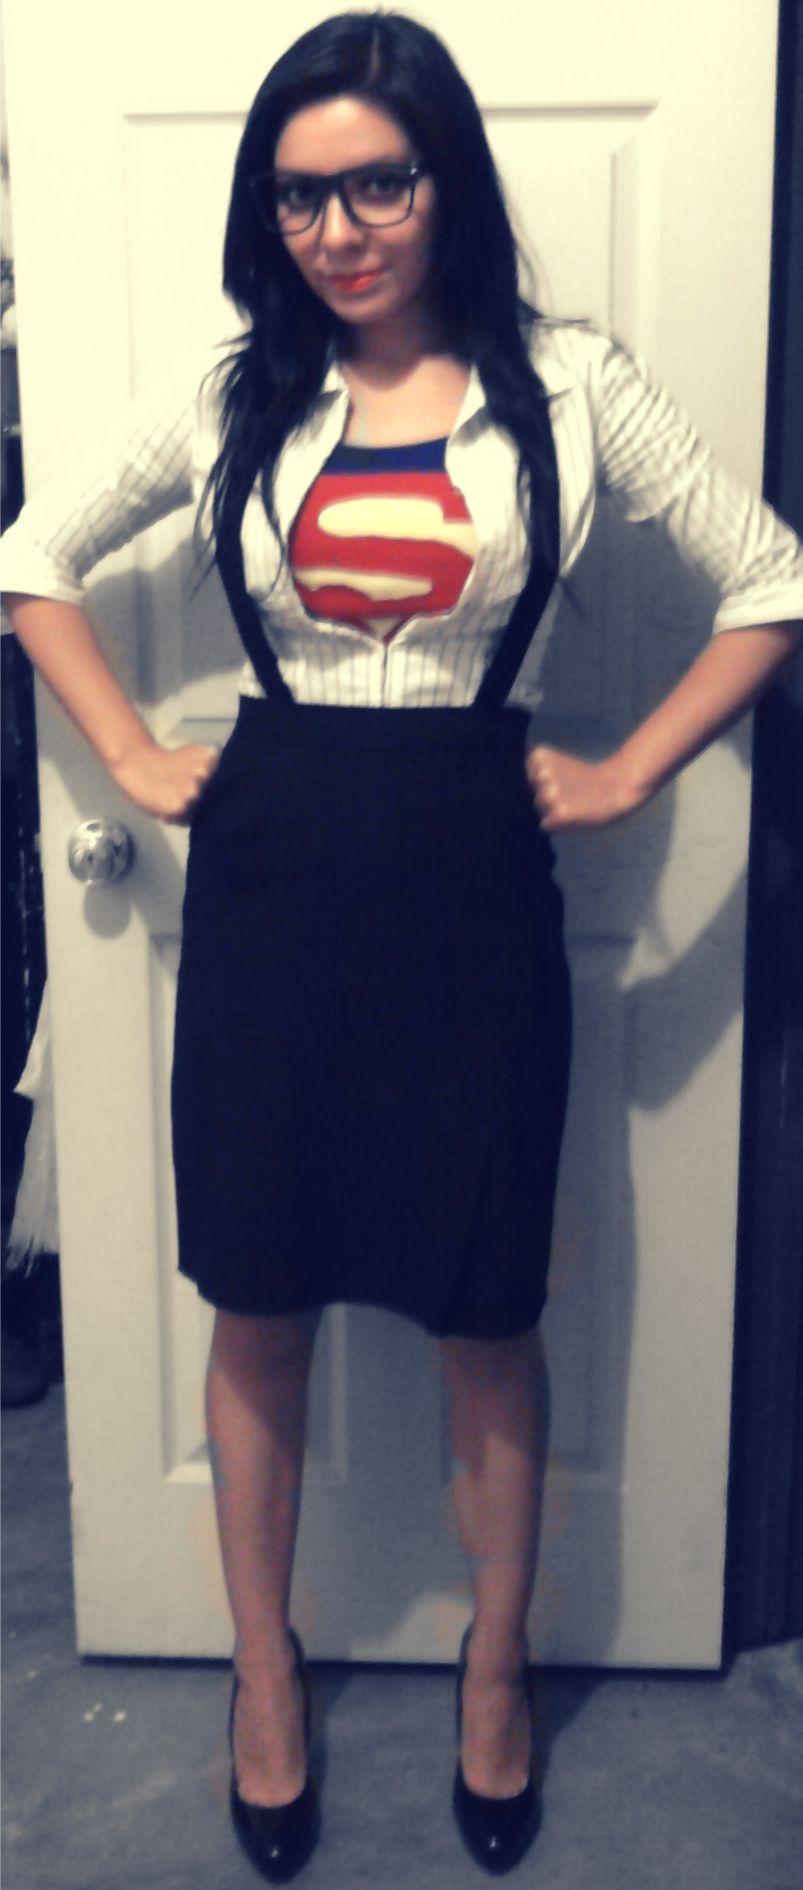 melyjuku Clark Kent - Superman. Diy Halloween Costumes For WomenSupergirl Halloween CostumeDiy Superhero ...  sc 1 st  Pinterest & melyjuku: Clark Kent - Superman | Celebrate it | Pinterest | Clark ...